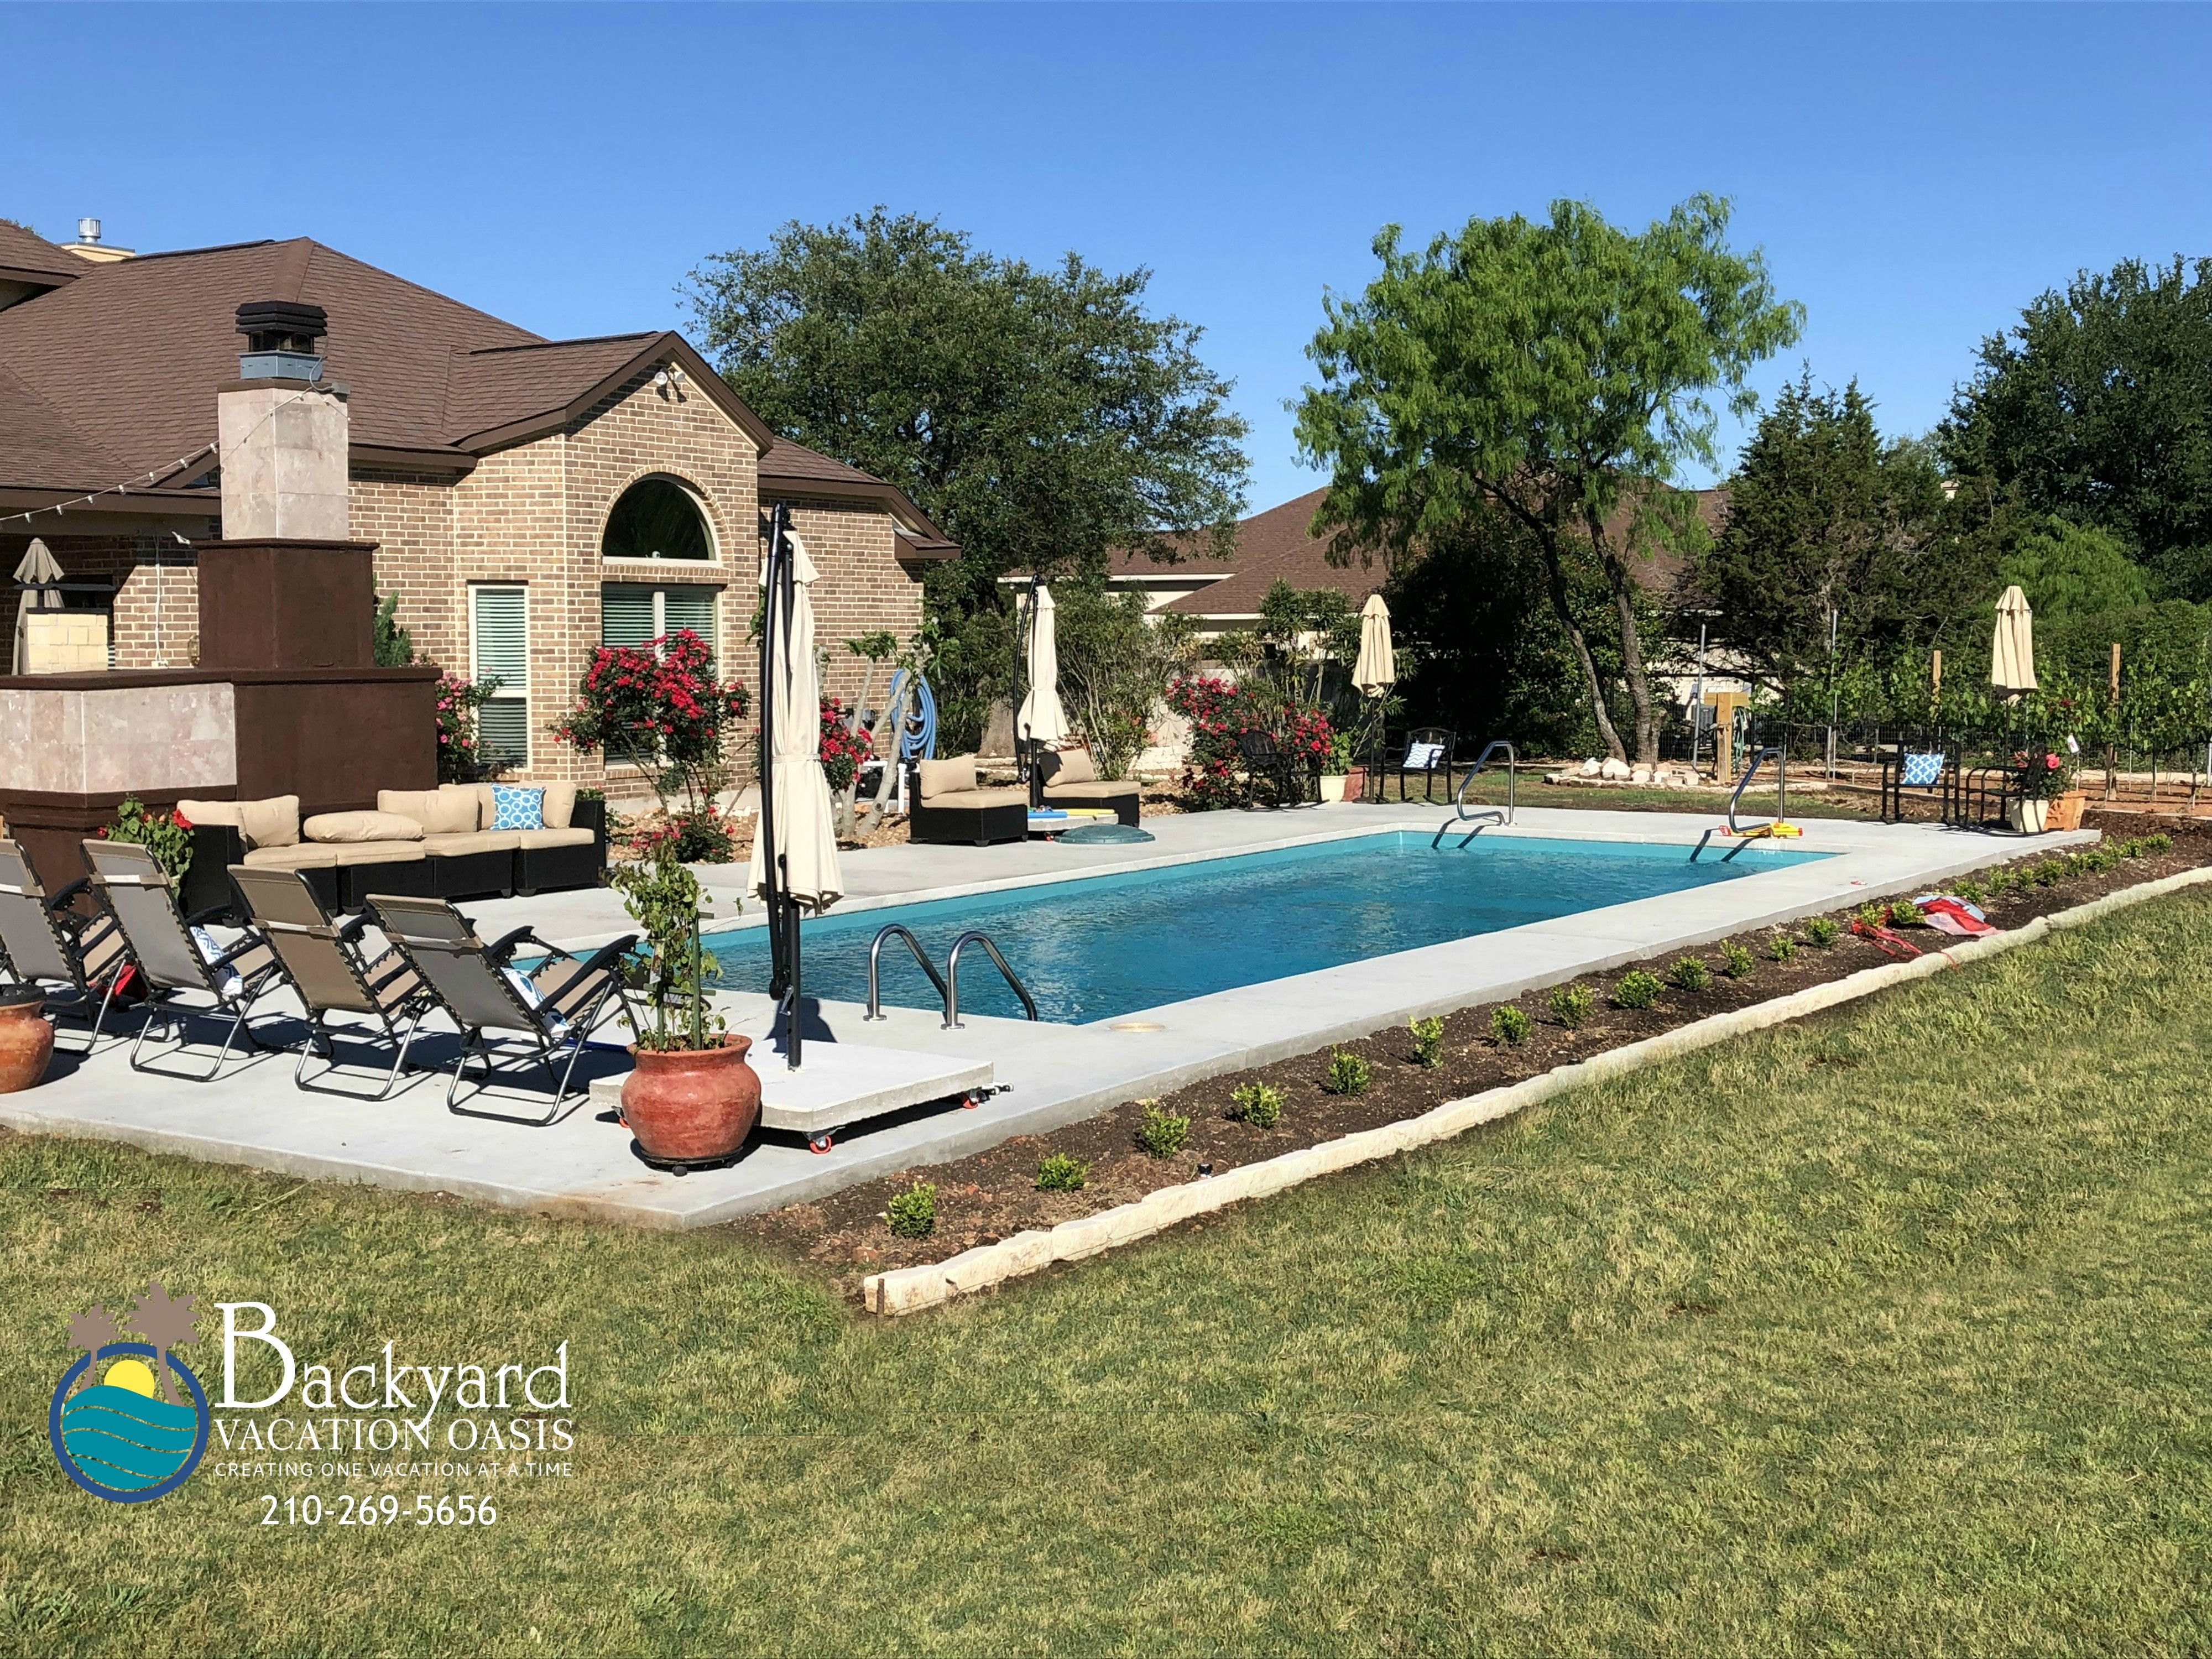 Backyard Vacation OAsis #backyardoasis